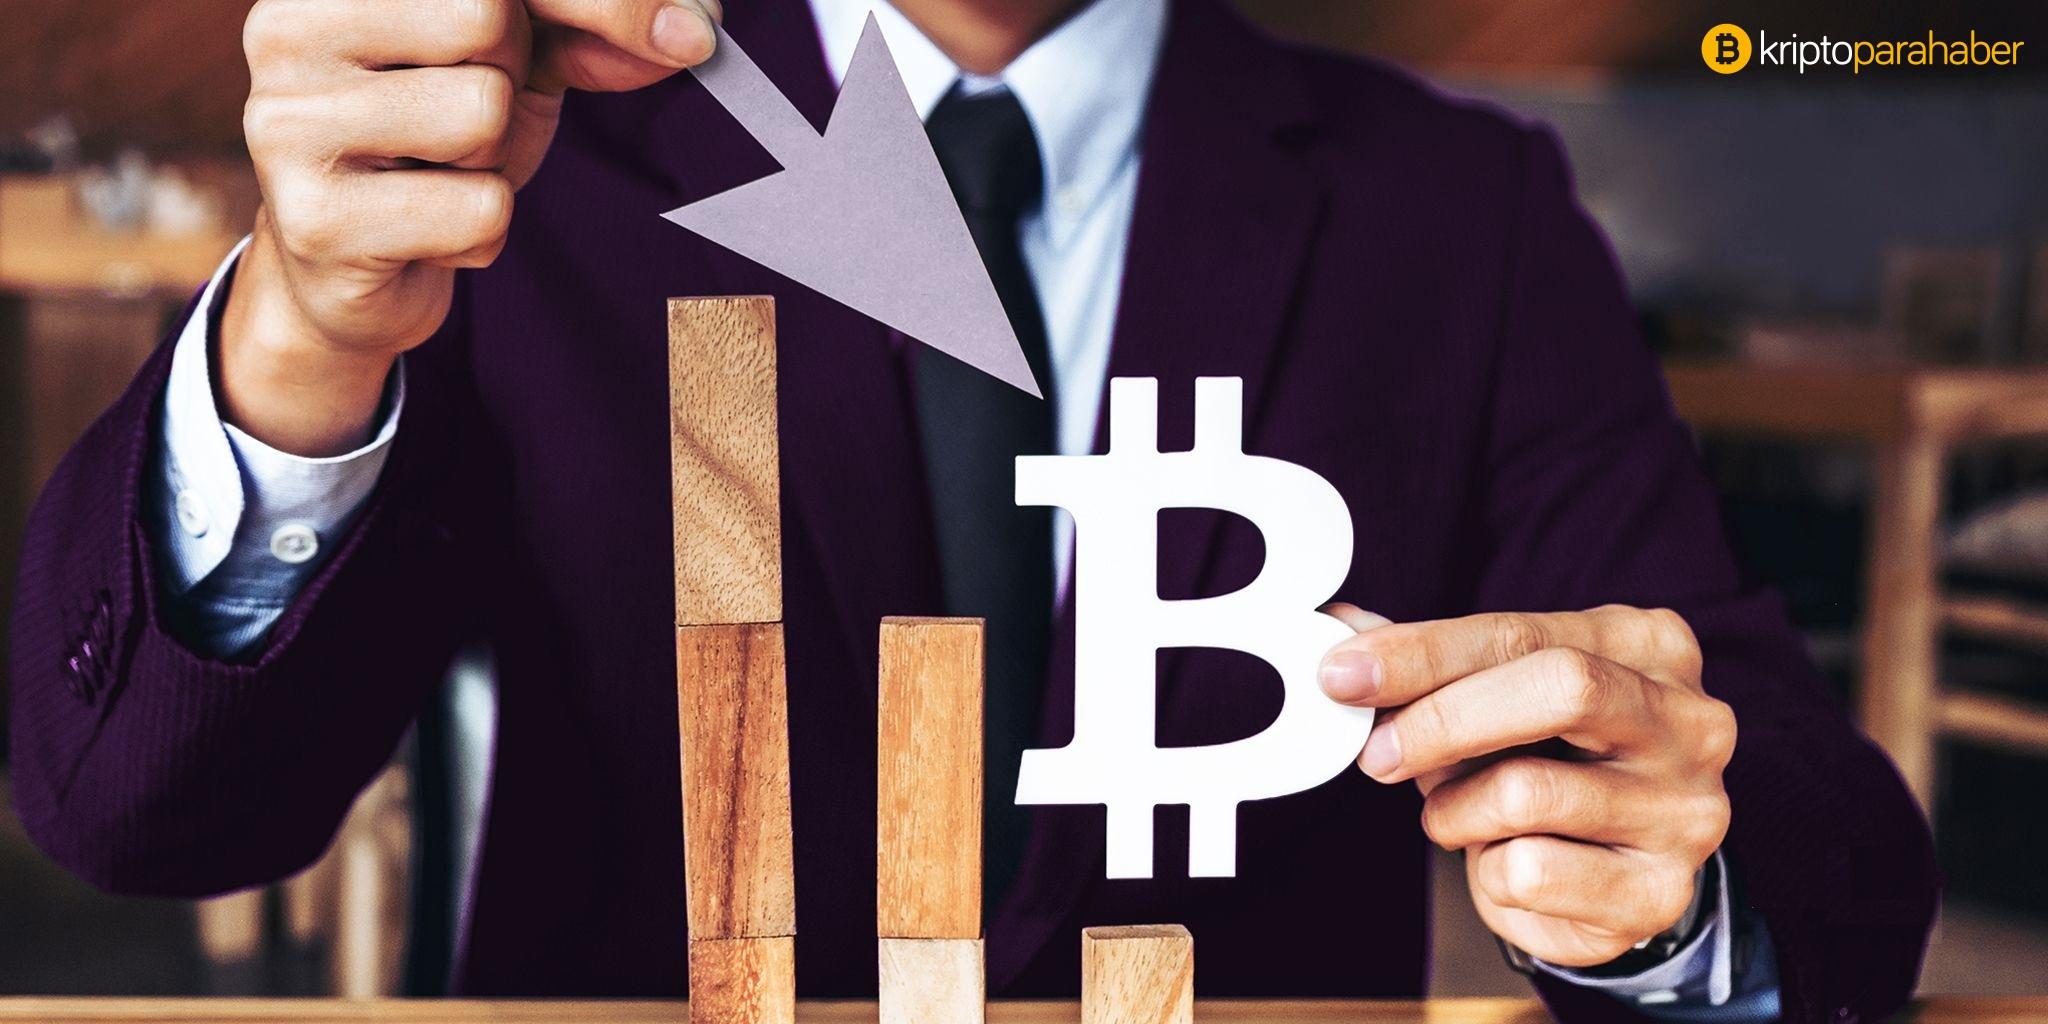 Bitcoin (BTC) fiyatı, düşüş trendini devam ettirecek mi?